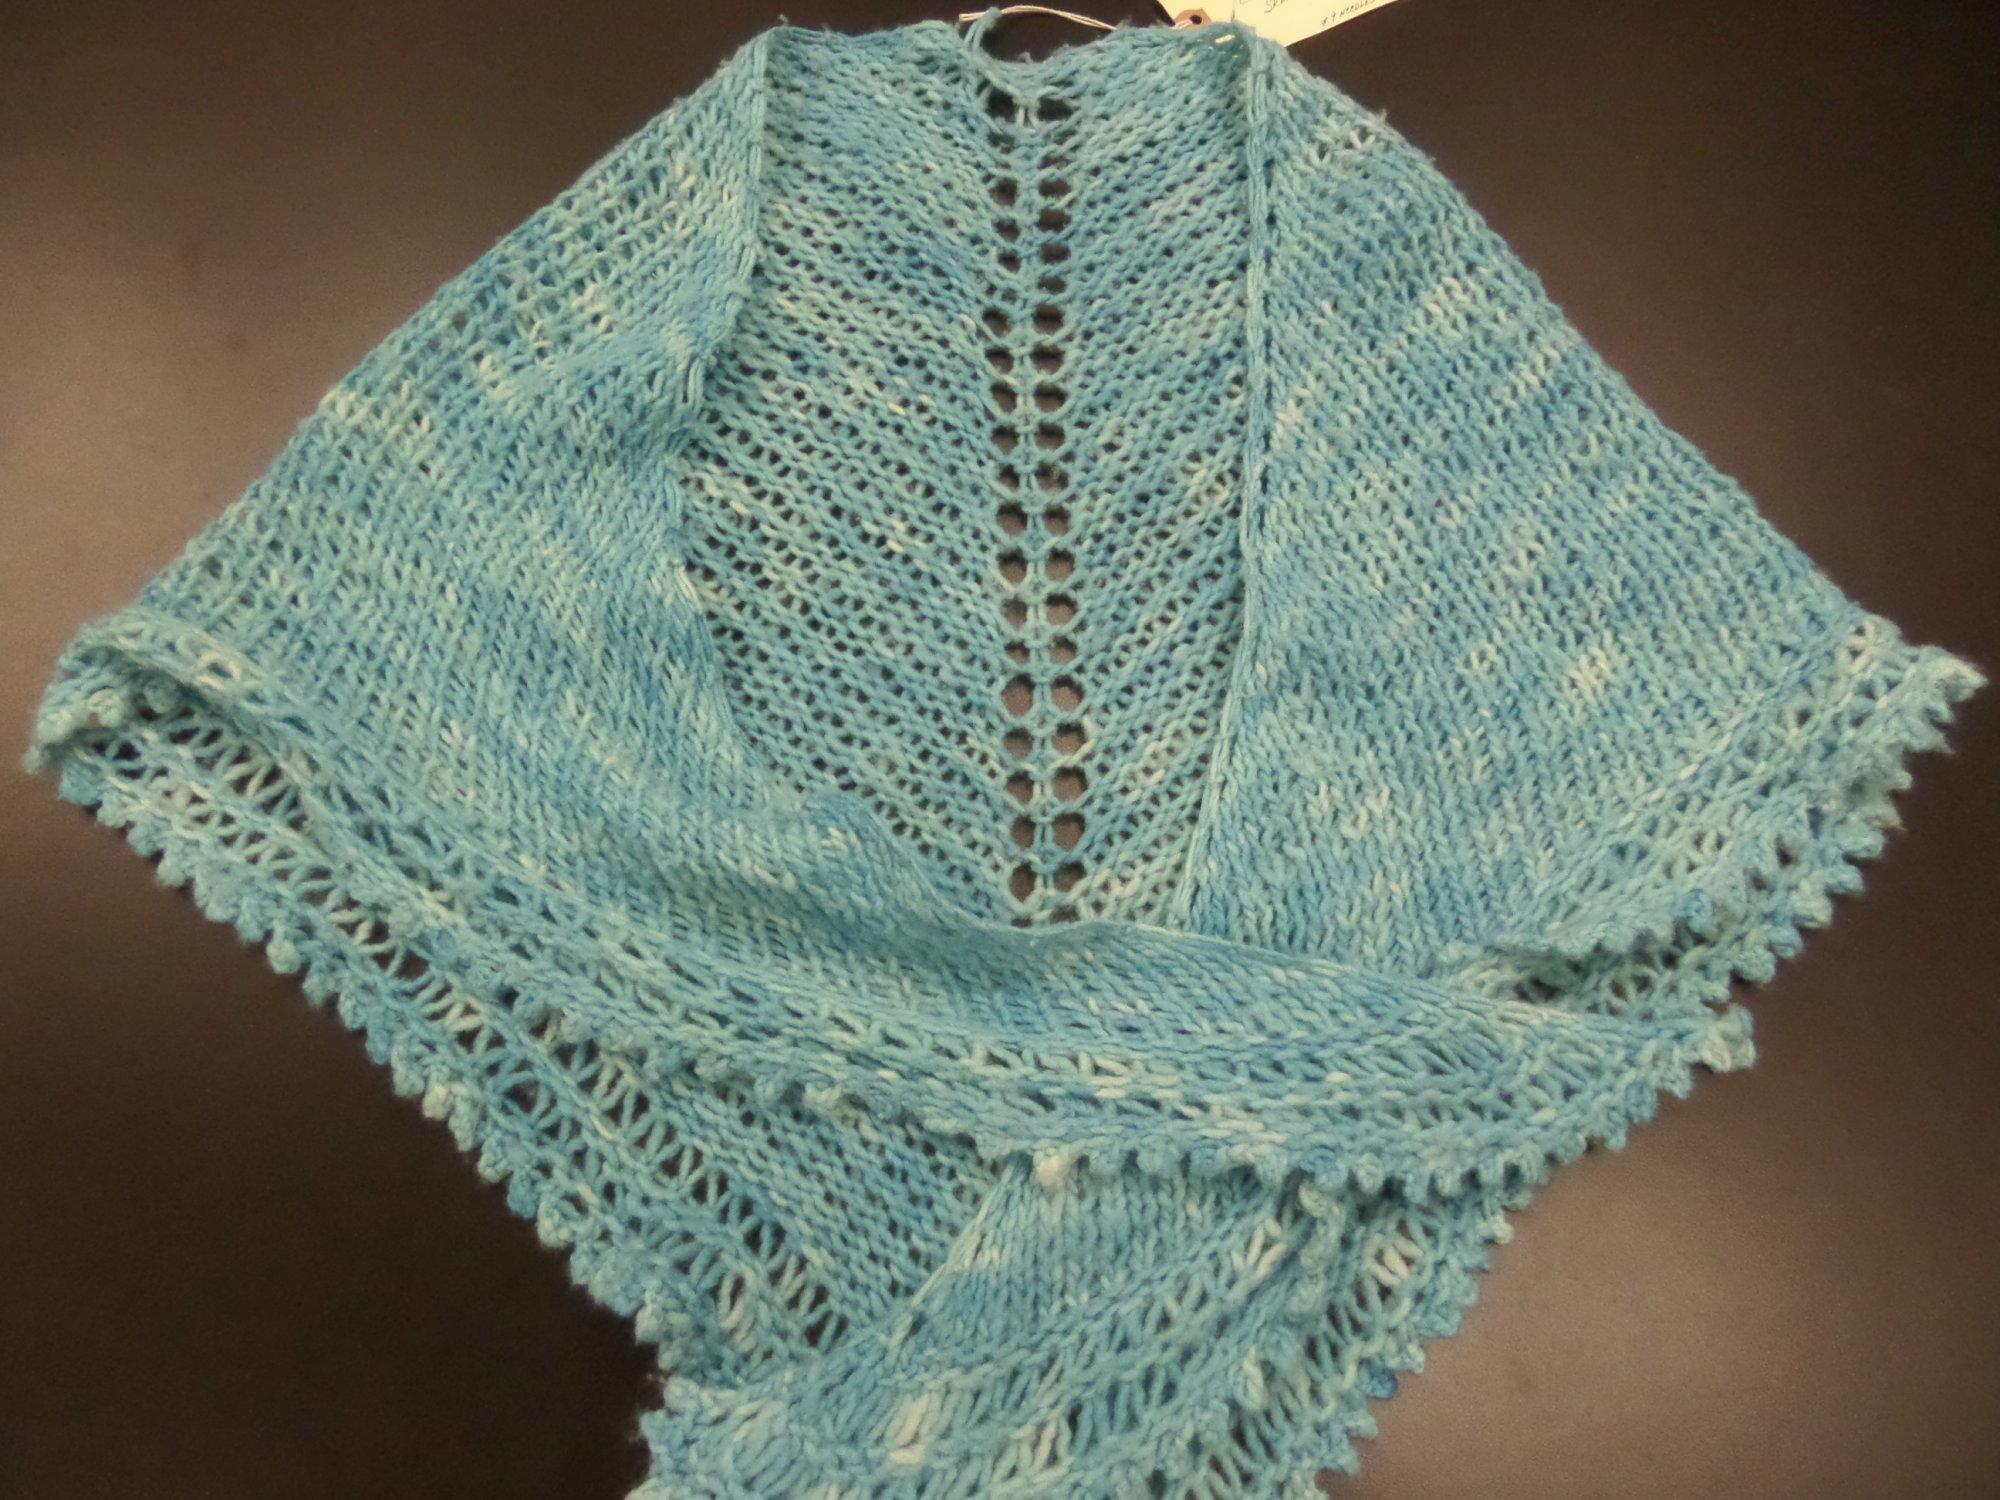 Sunehri shawl model in Maxima yarn from Manos del Uruguay